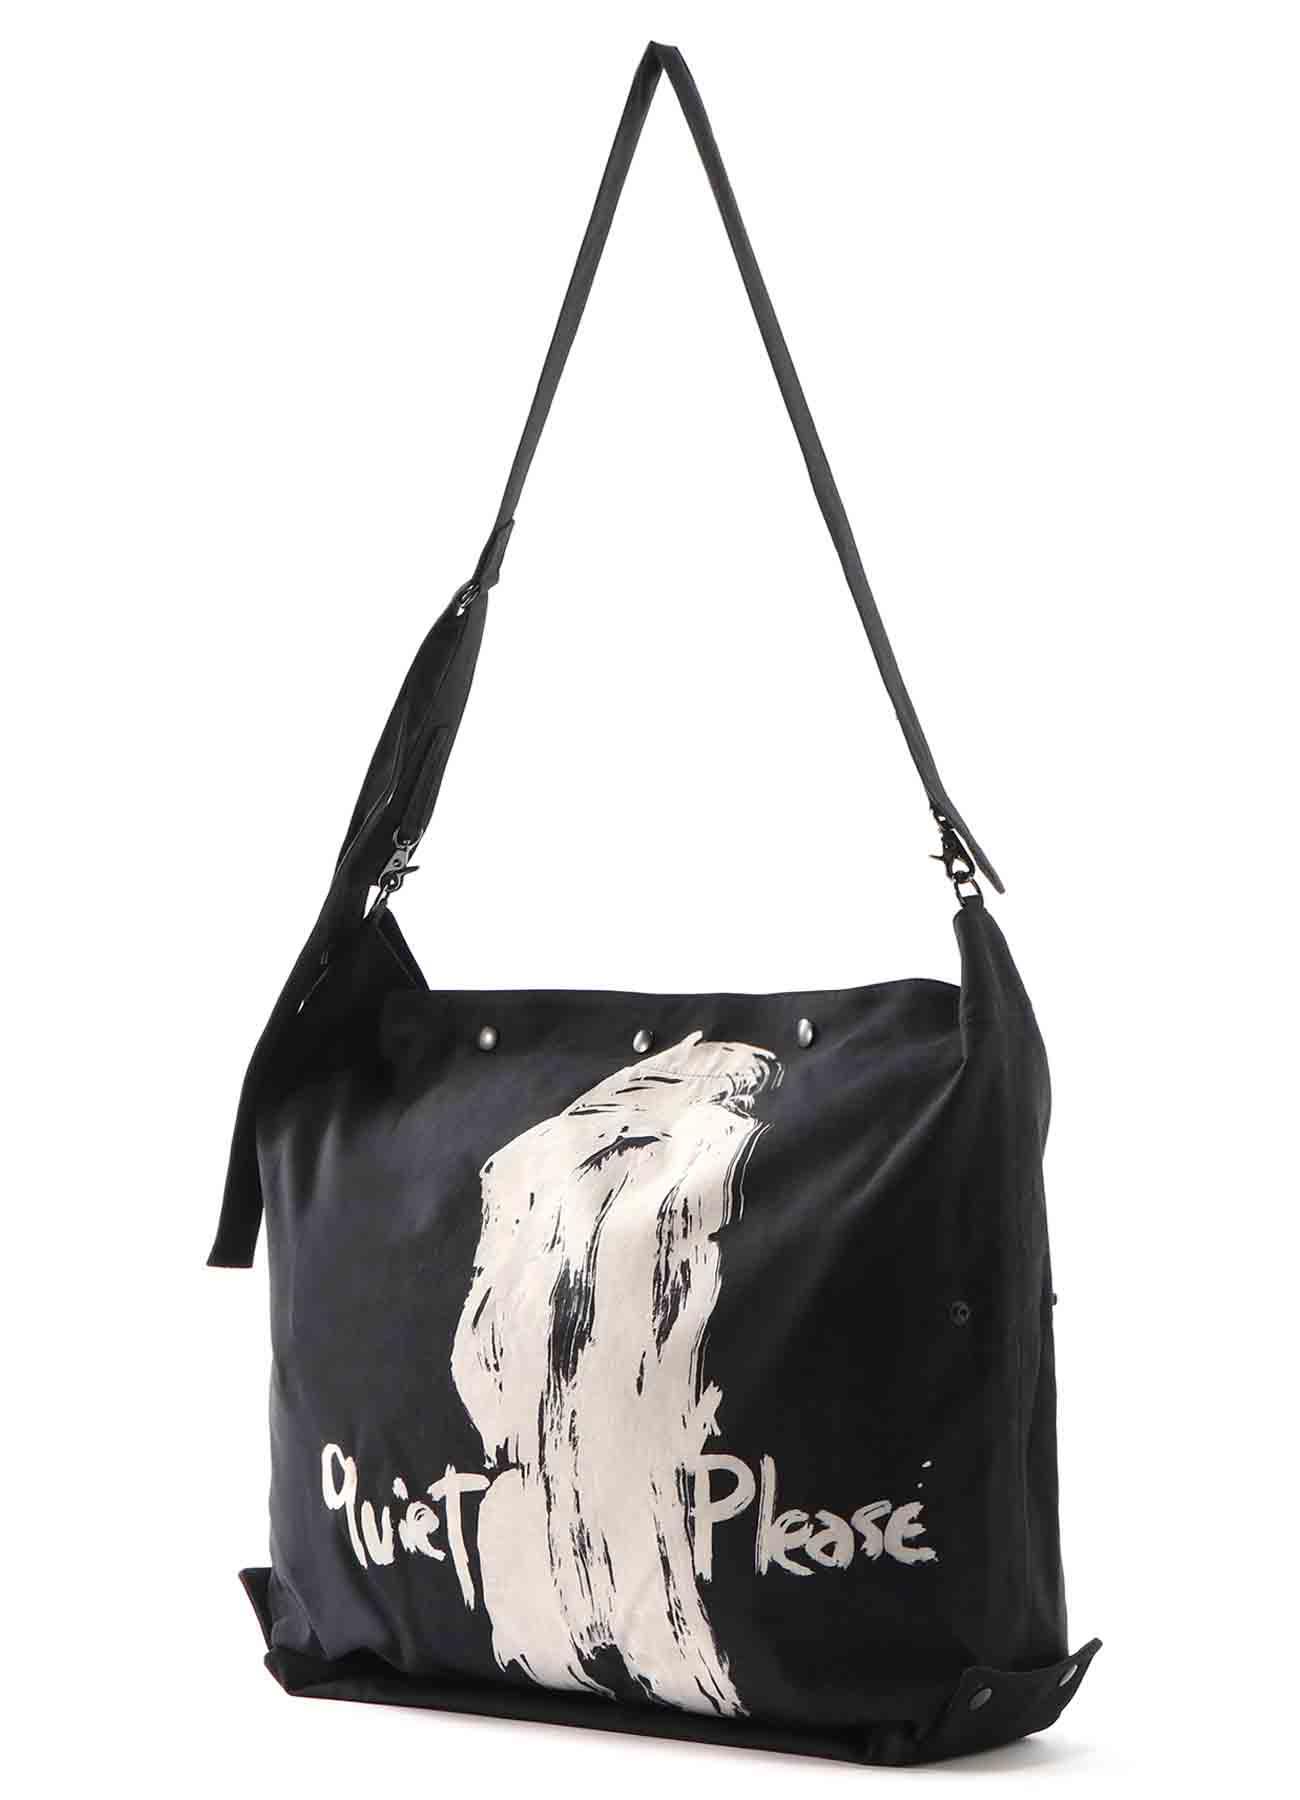 INVERTED DOT 2WAY SHOULDER BAG